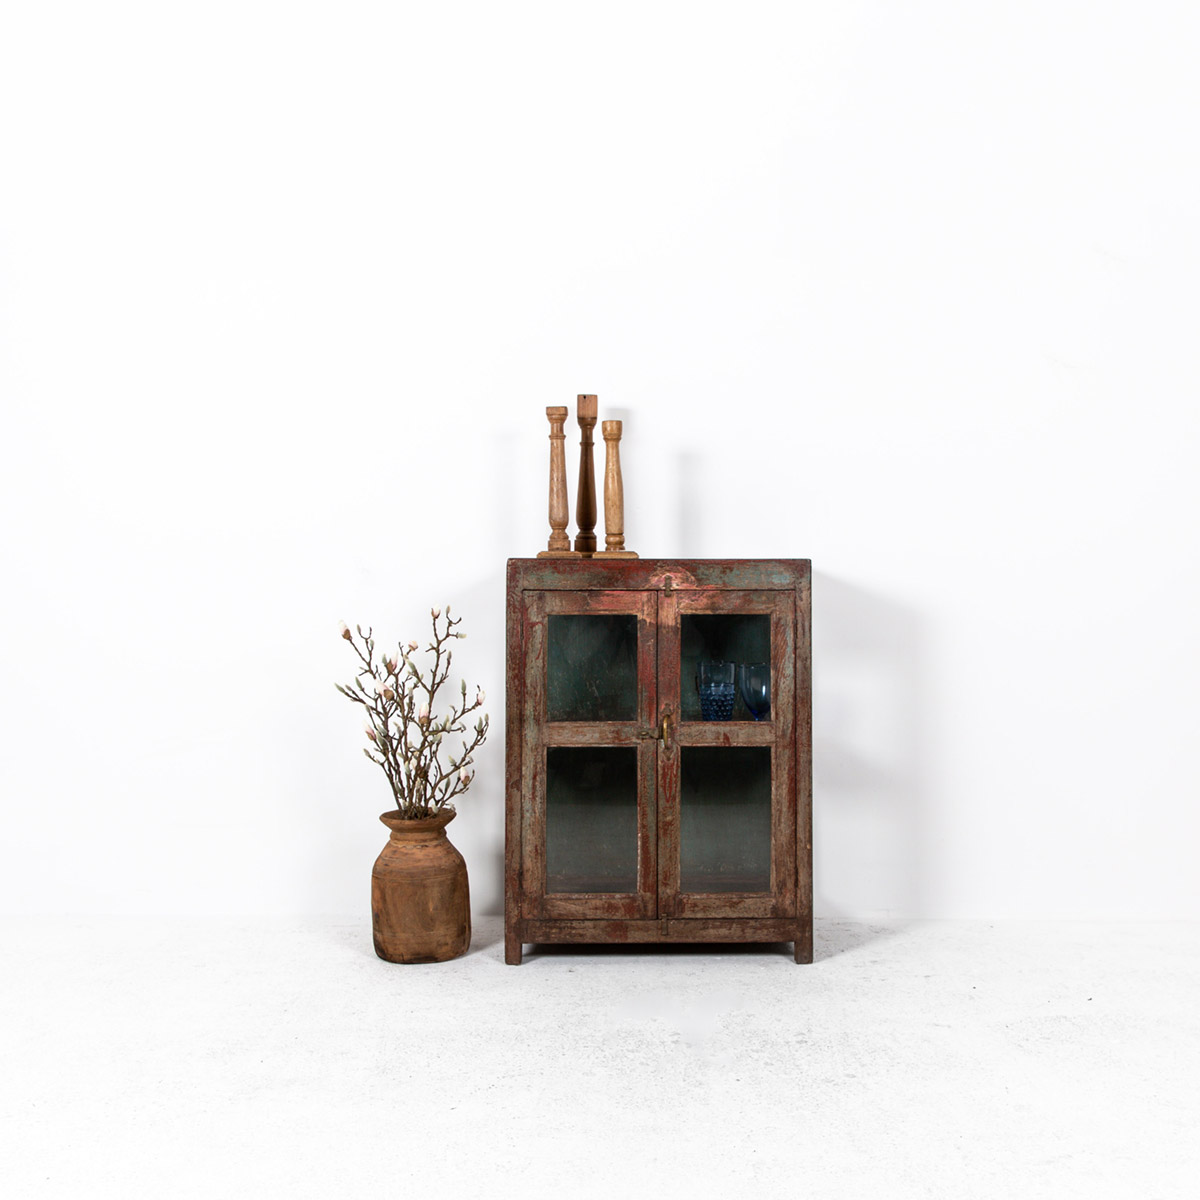 Glazen-kastje-2-deuren-bruinrood-uitgelicht